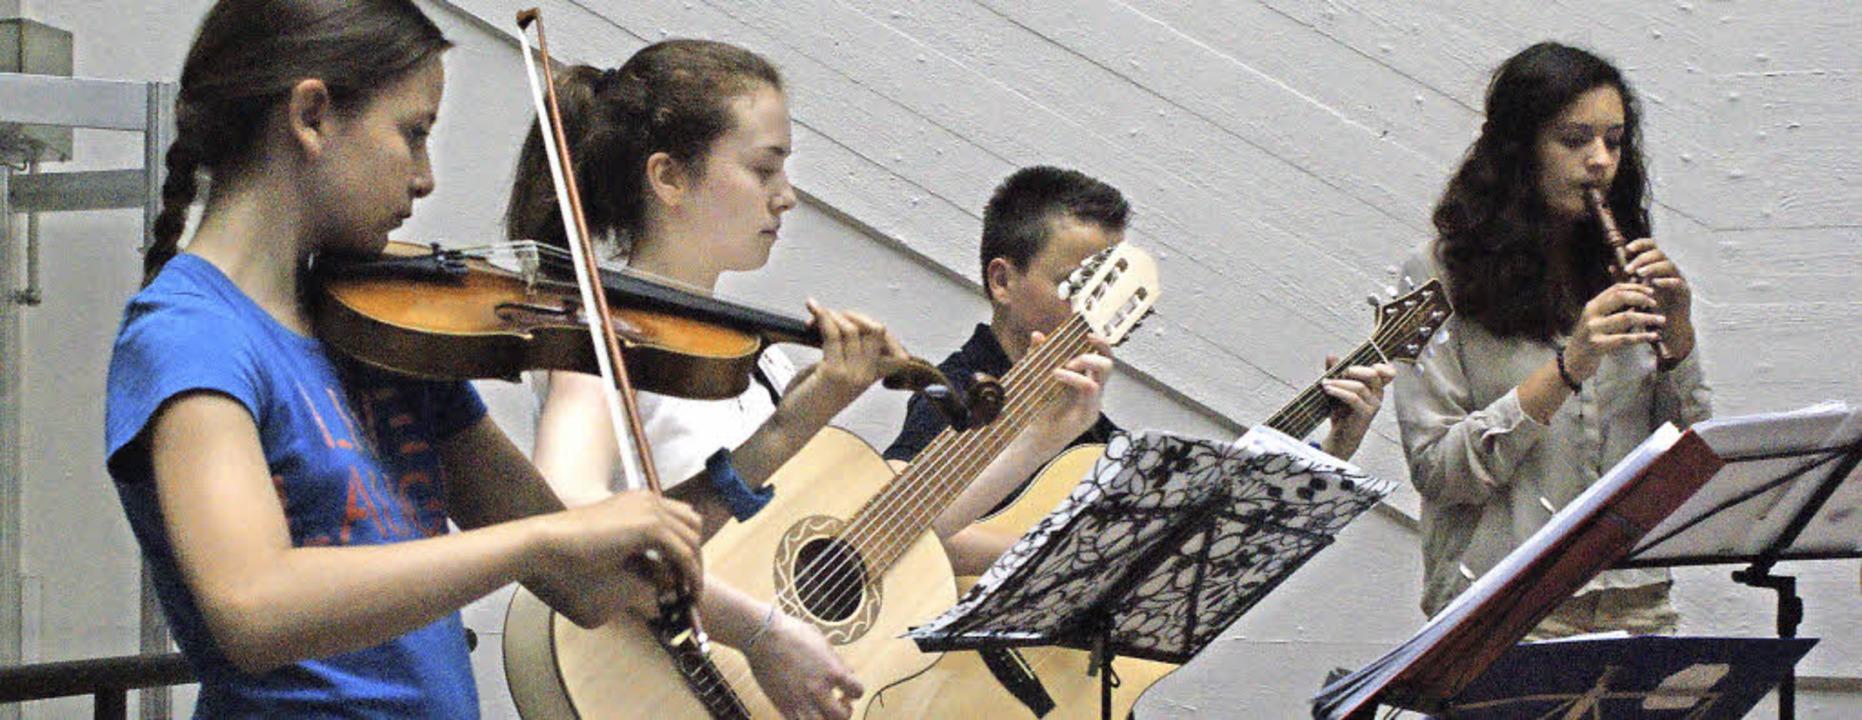 Die Schüler erfreuen mit einem bunten musikalischen Programm.   | Foto: Chris Rütschlin